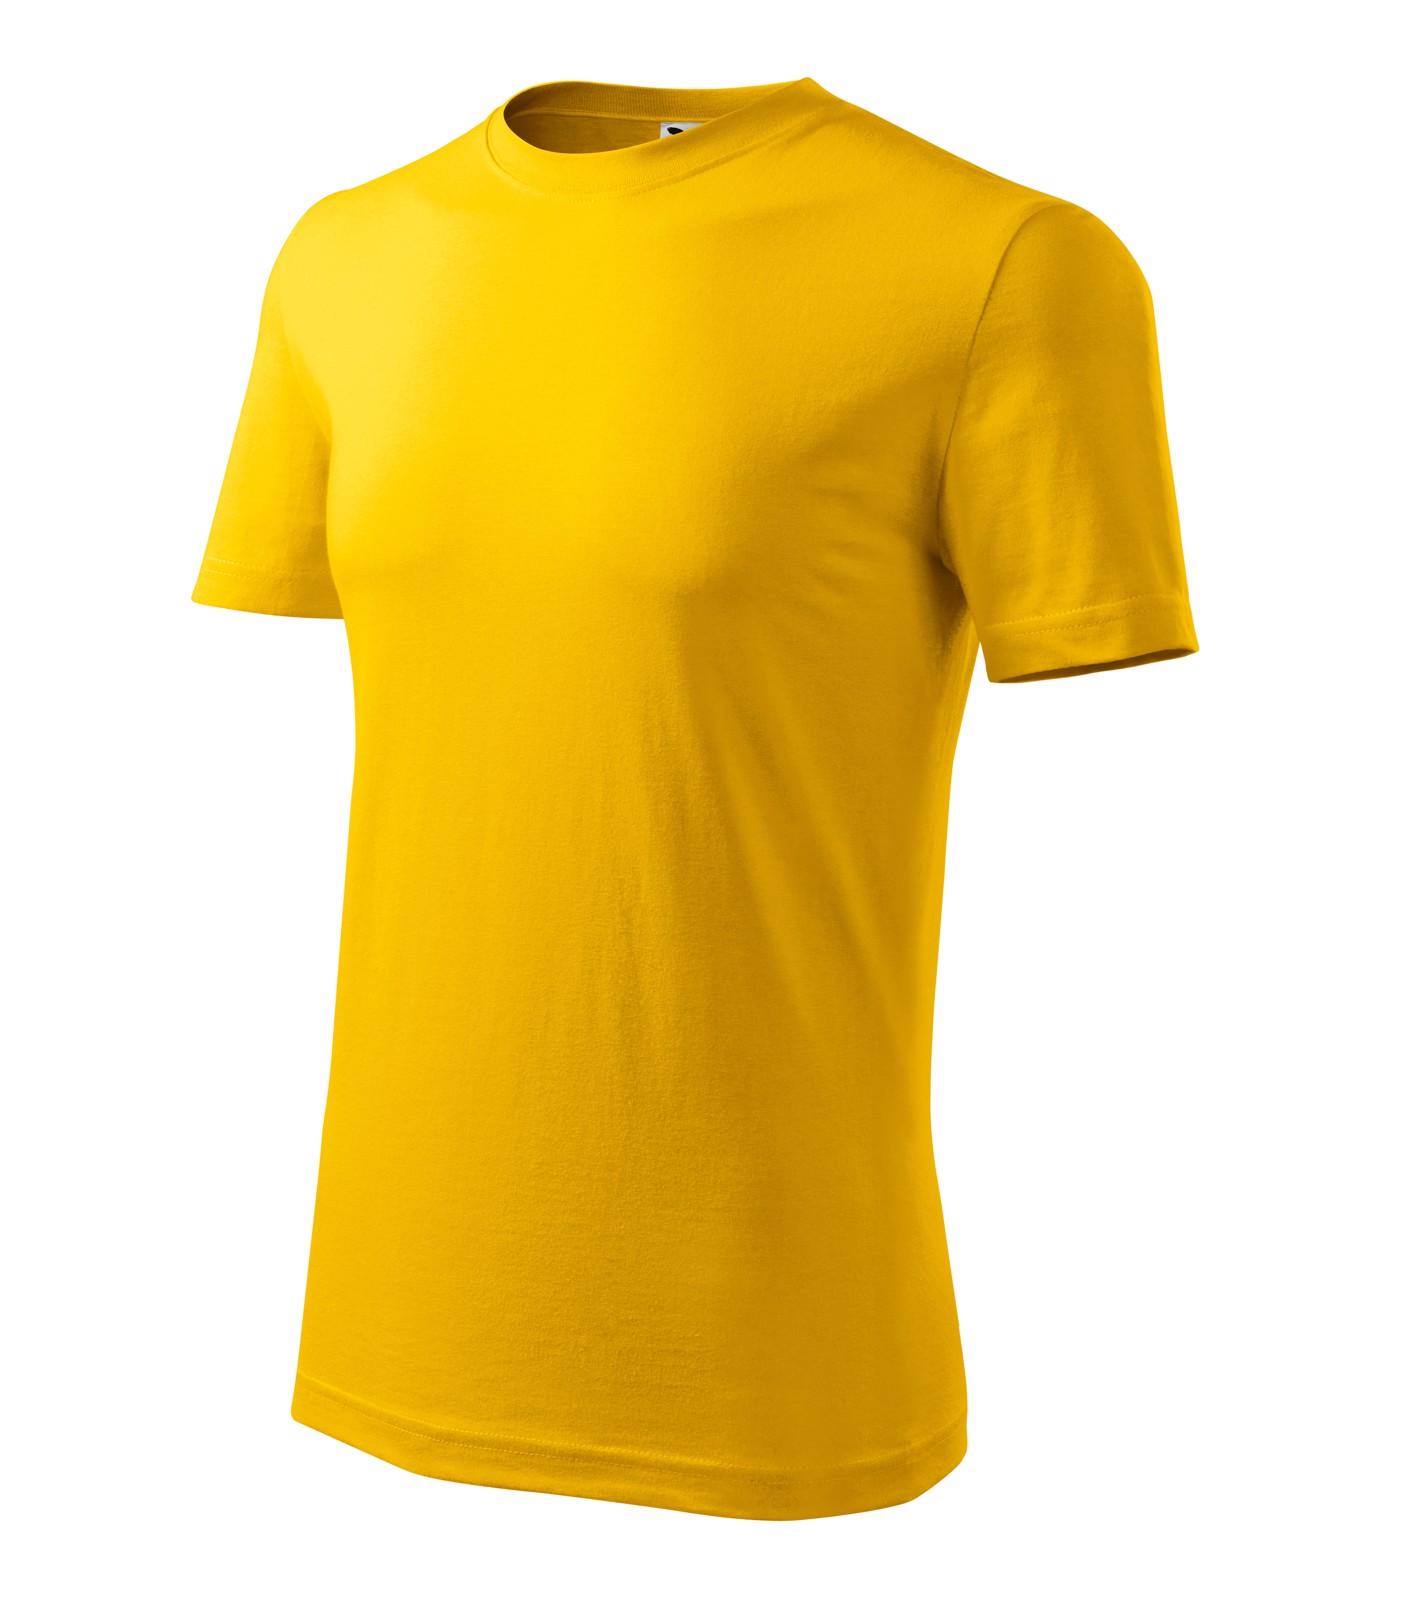 T-shirt men's Malfini Classic New - Yellow / S